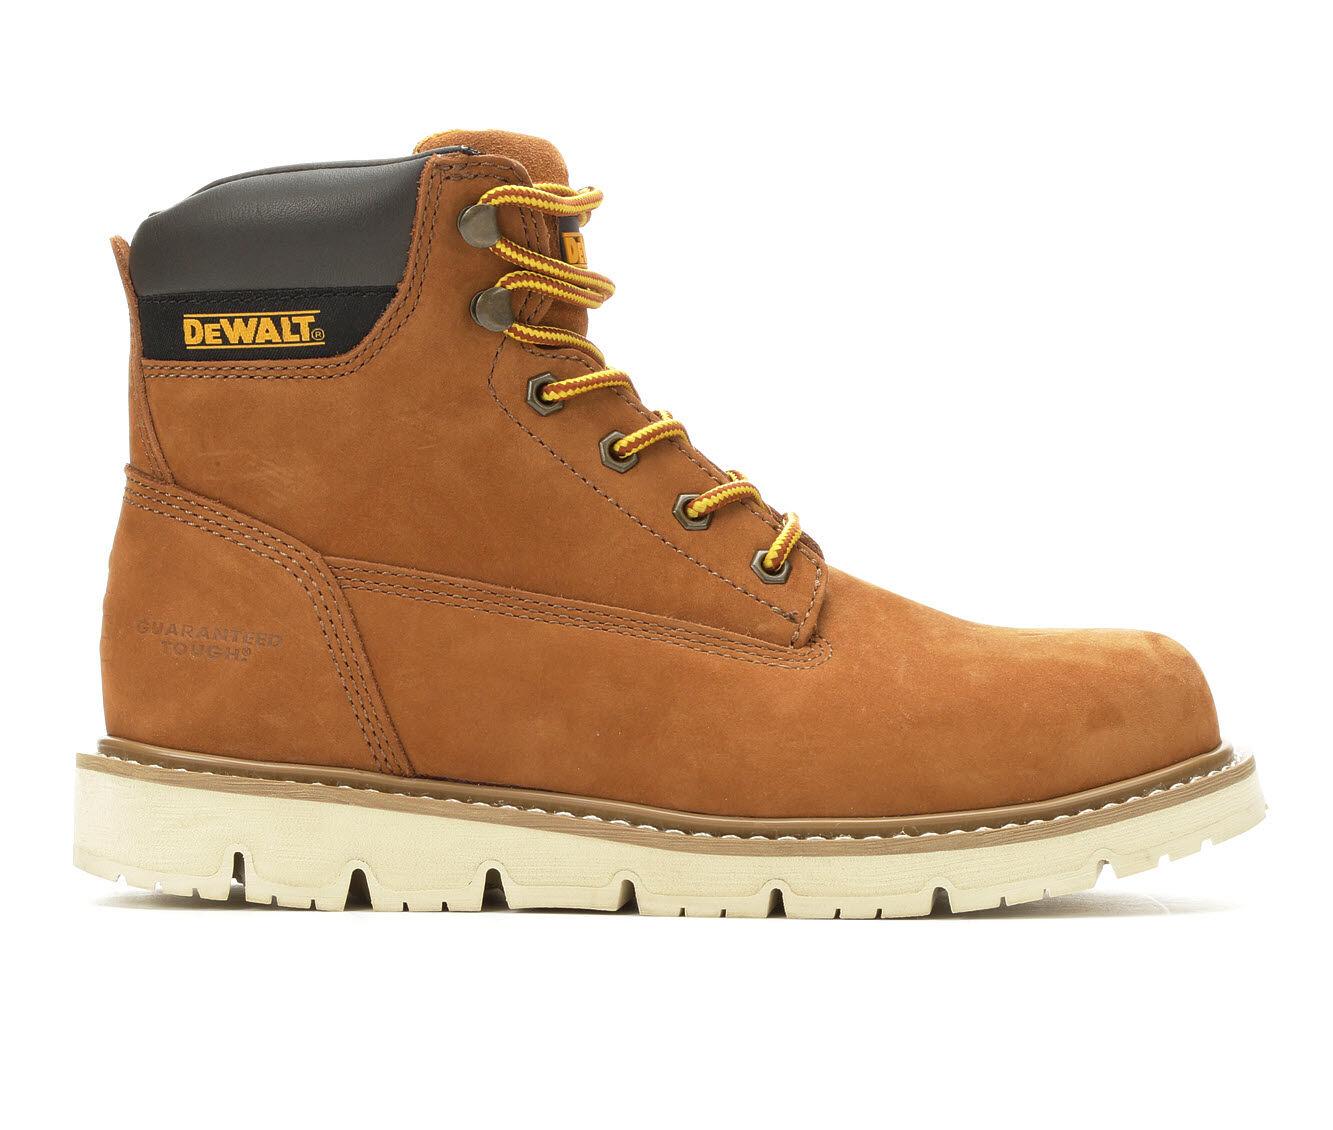 Men's DeWALT Flex 6 Inch Steel Toe Work Boots Light Brown